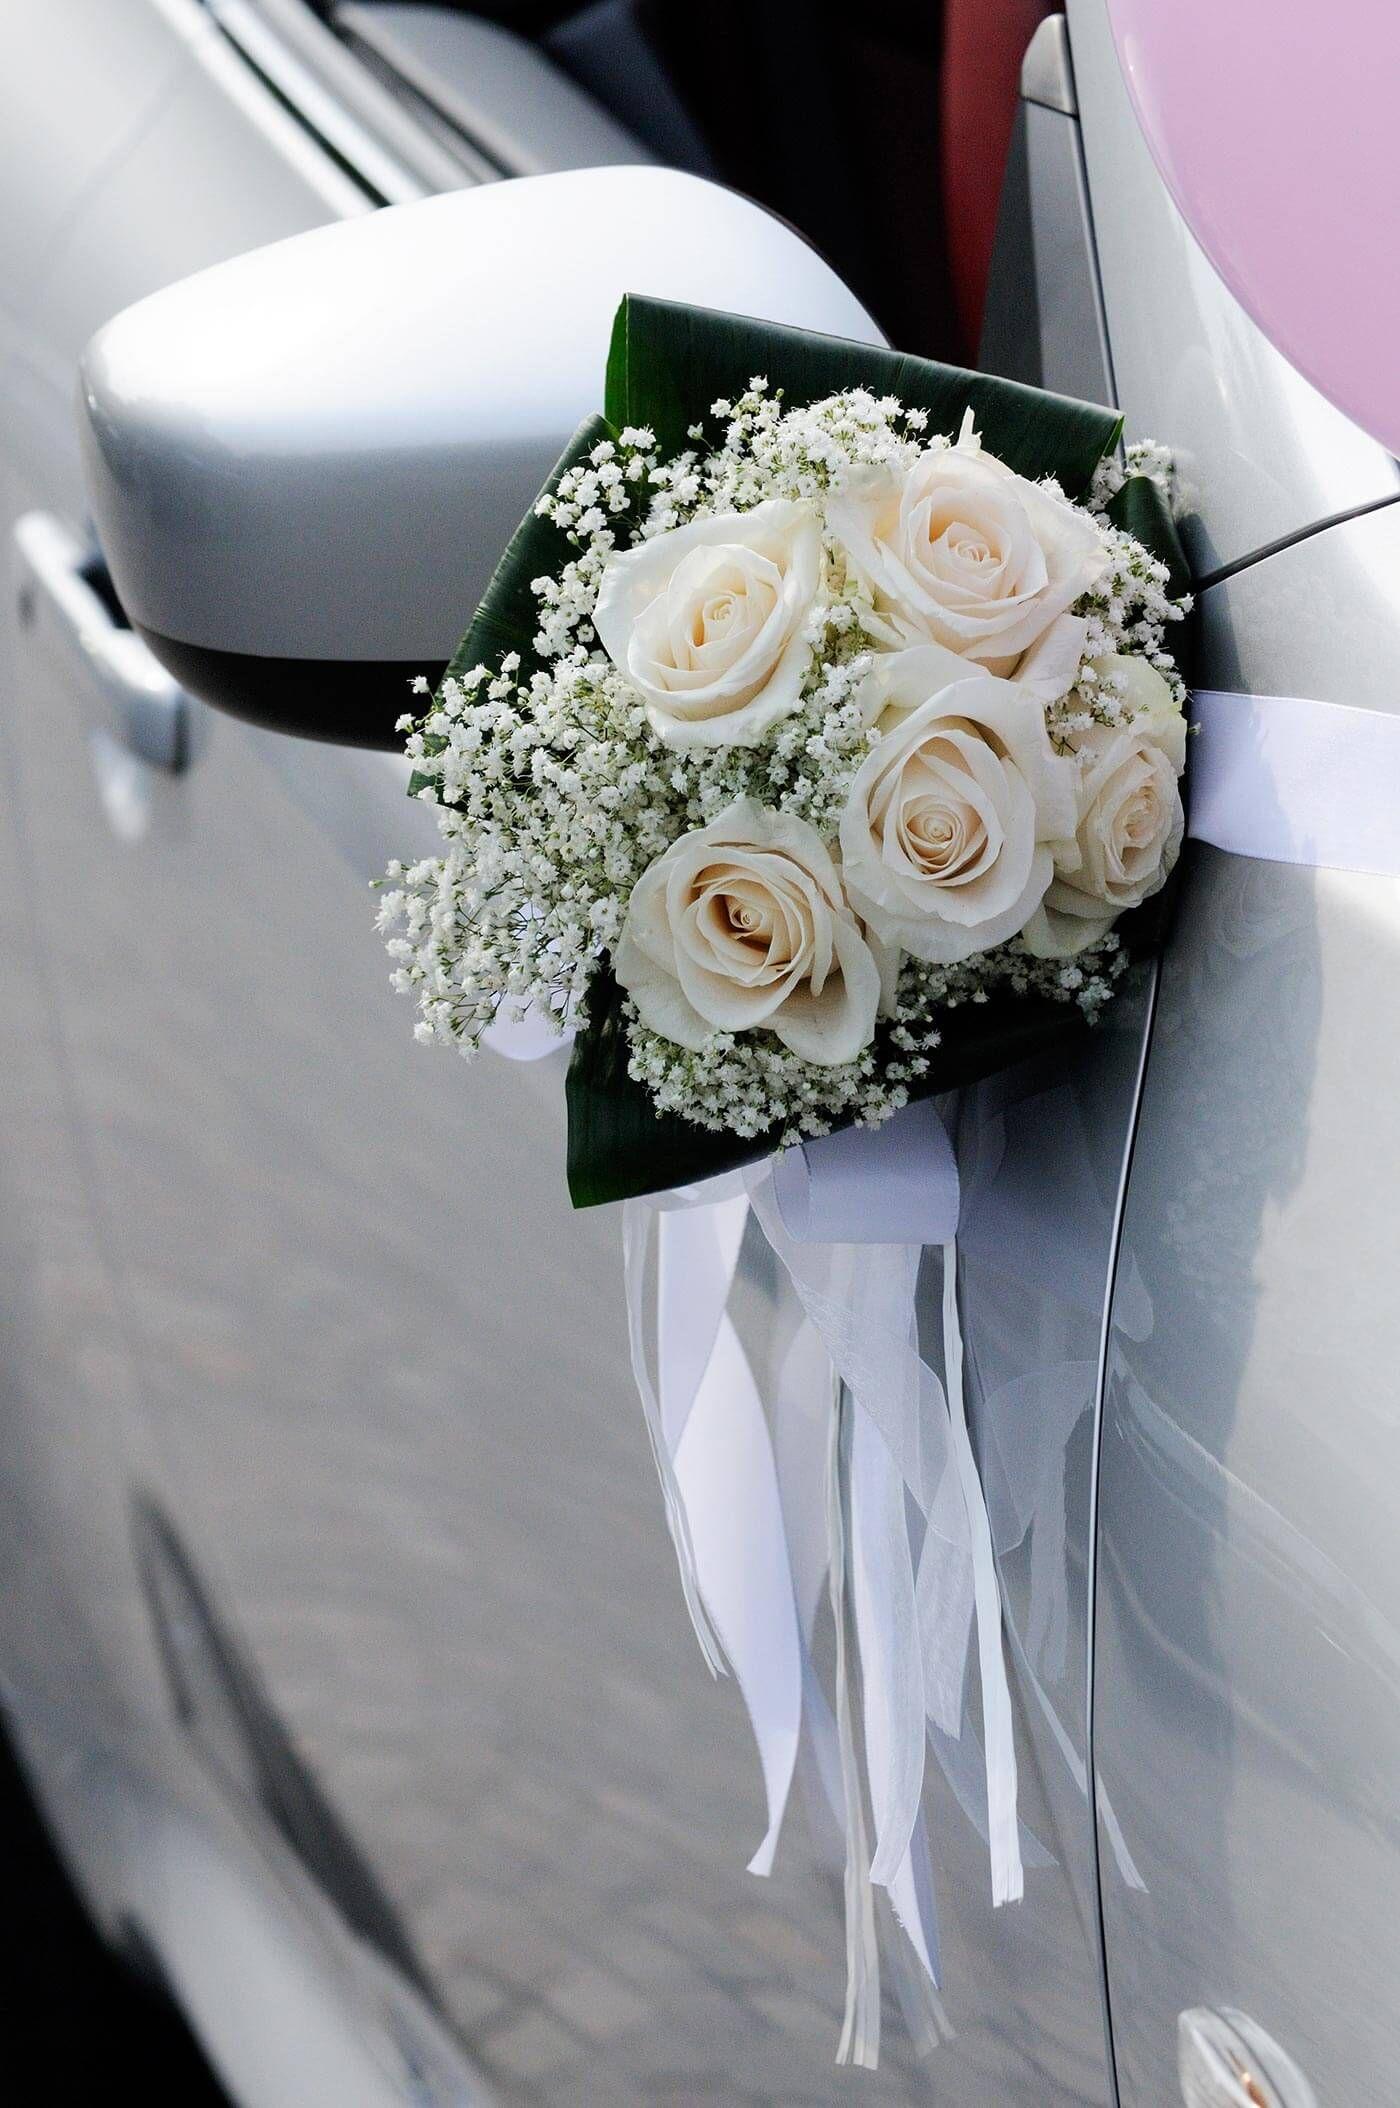 Autoschmuck Hochzeitsgaste Grosse Bildergalerie Autoschmuck Hochzeit Hochzeit Auto Autodeko Hochzeit